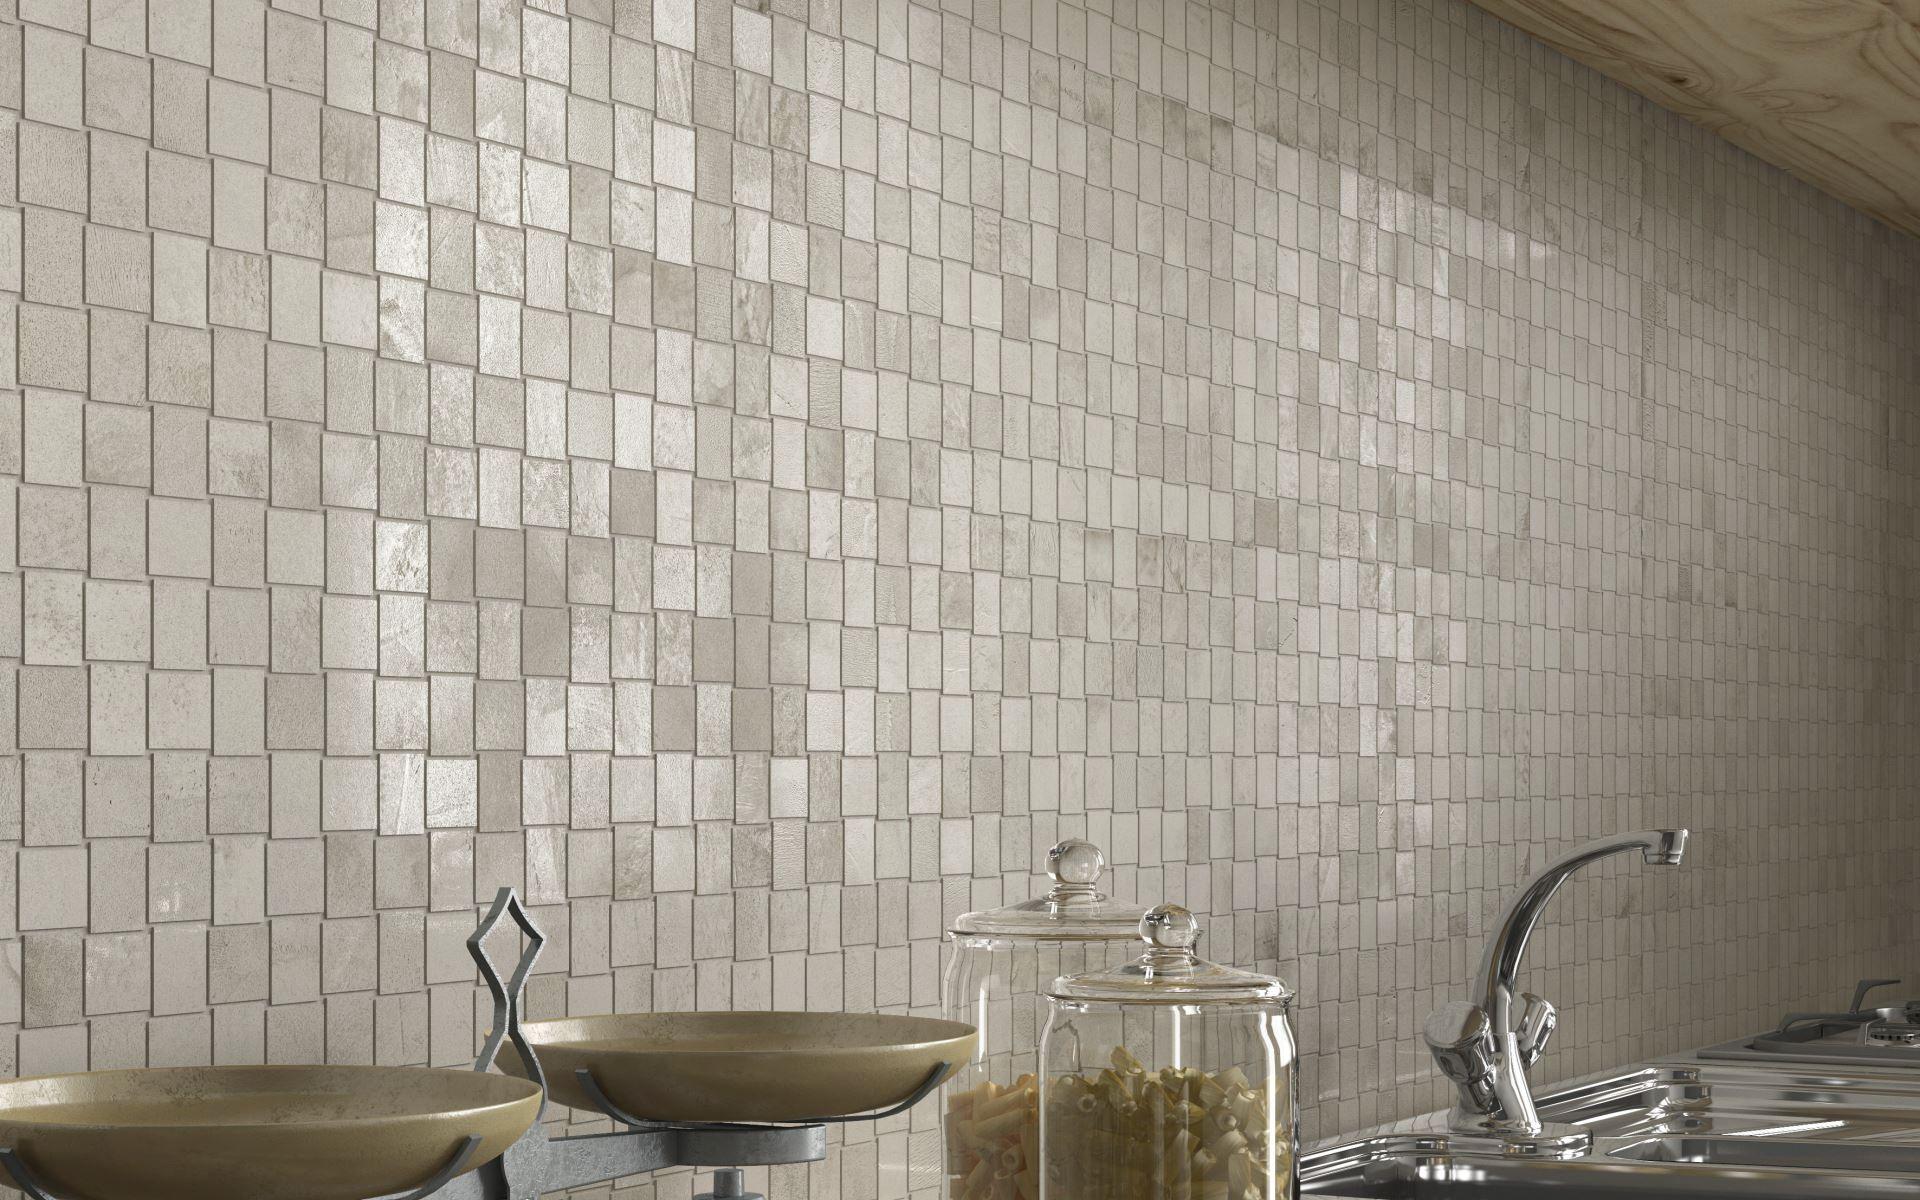 Placas De Revestimento Para Ambiente Interno Res Cover Mosaico Ceramiche Ricchetti Para Cozinha De Parede Em Grés Porcelanato